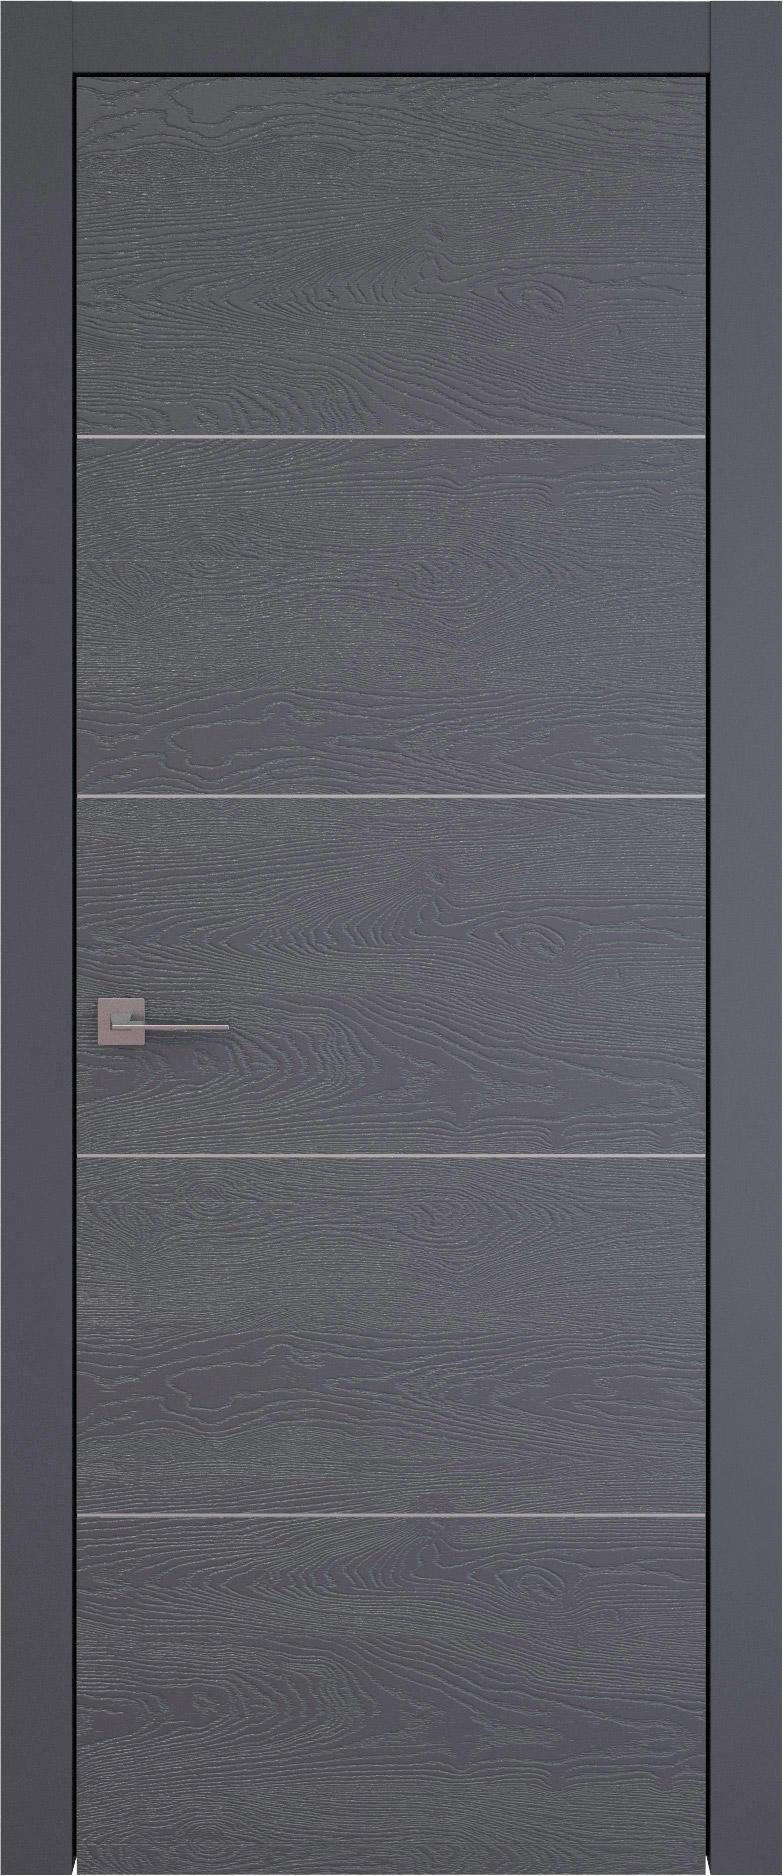 Tivoli Д-2 цвет - Графитово-серая эмаль по шпону (RAL 7024) Без стекла (ДГ)